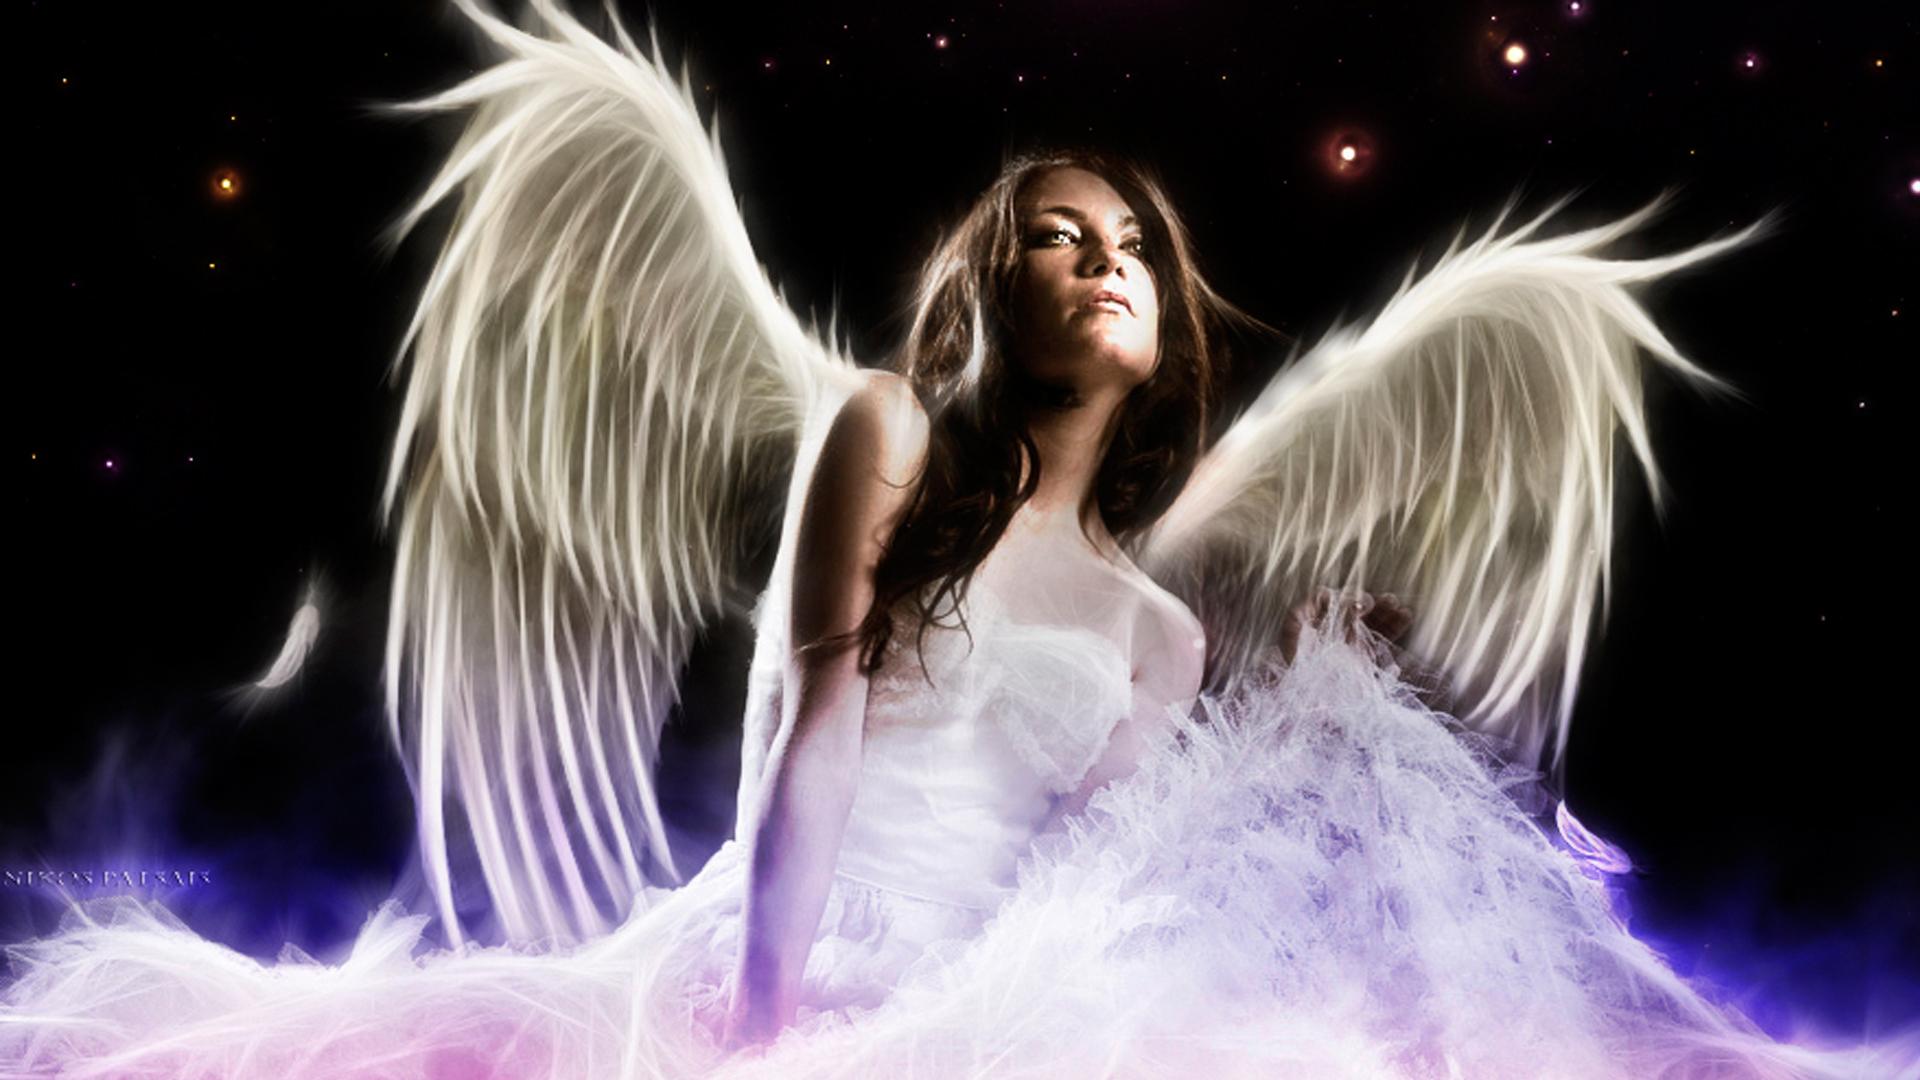 angel photoshop fantasy famale - photo #7